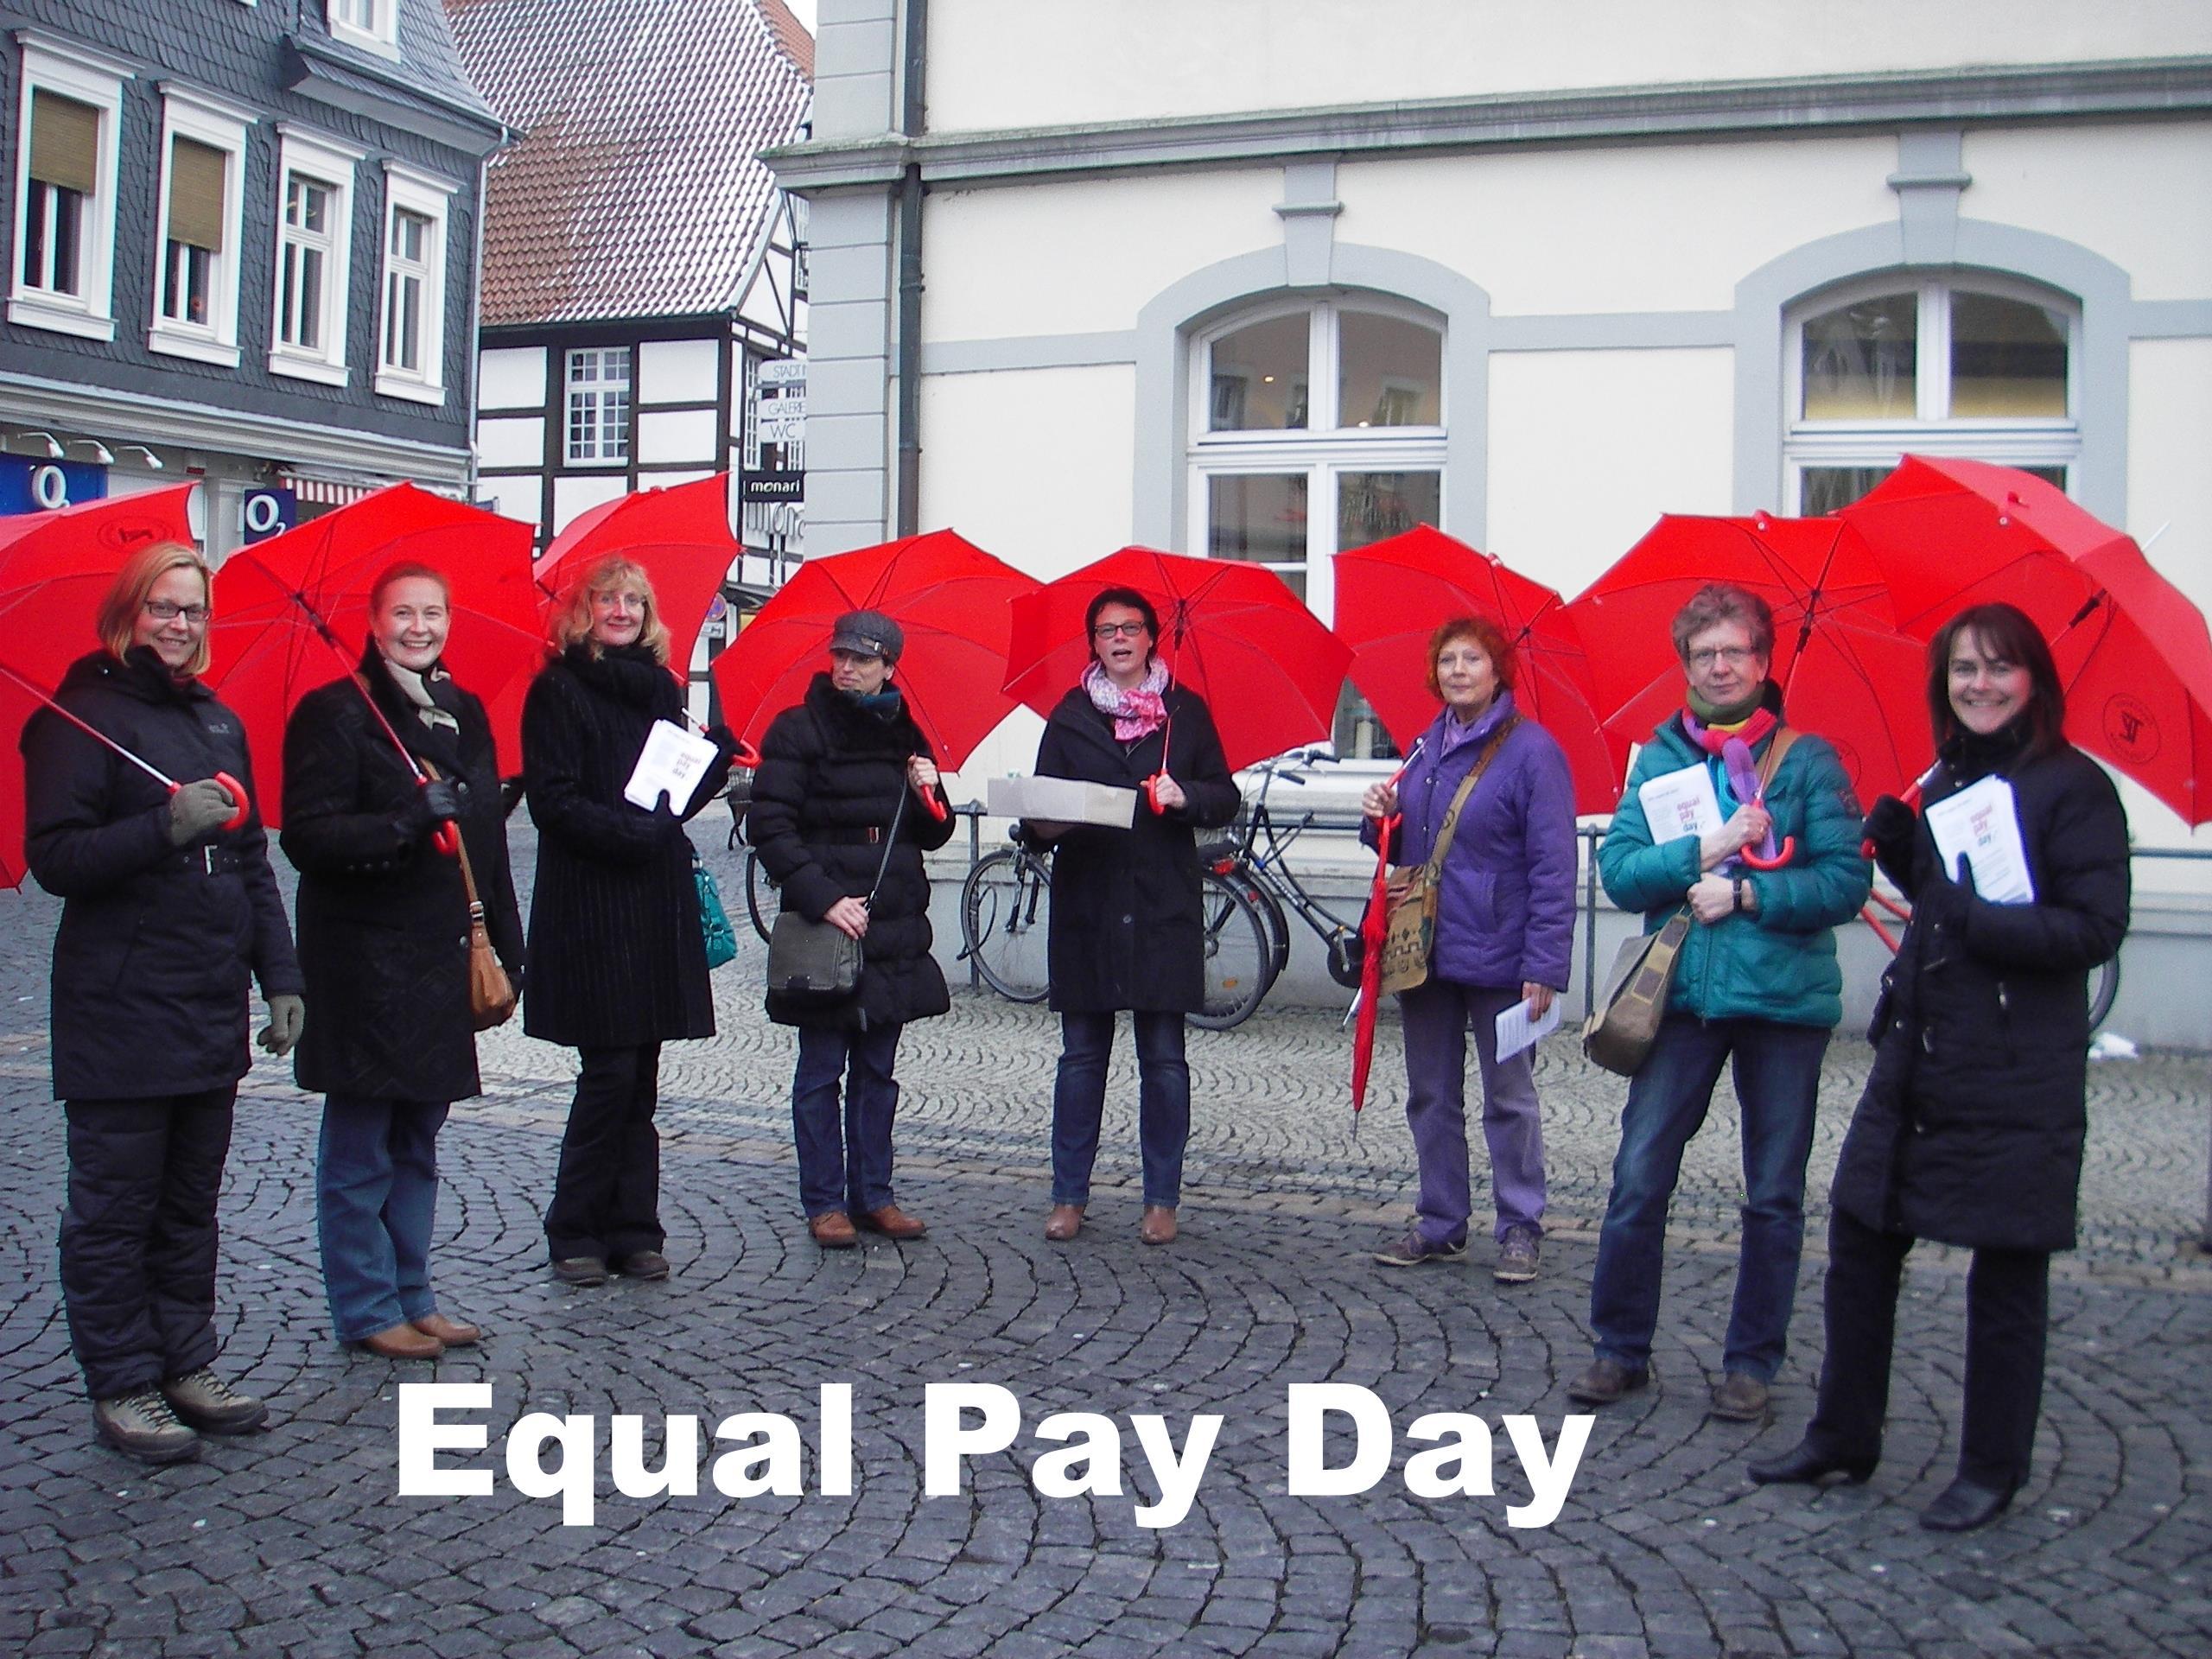 Frauennetzwerk Lippstadt engagiert sich am Equal Pay Day